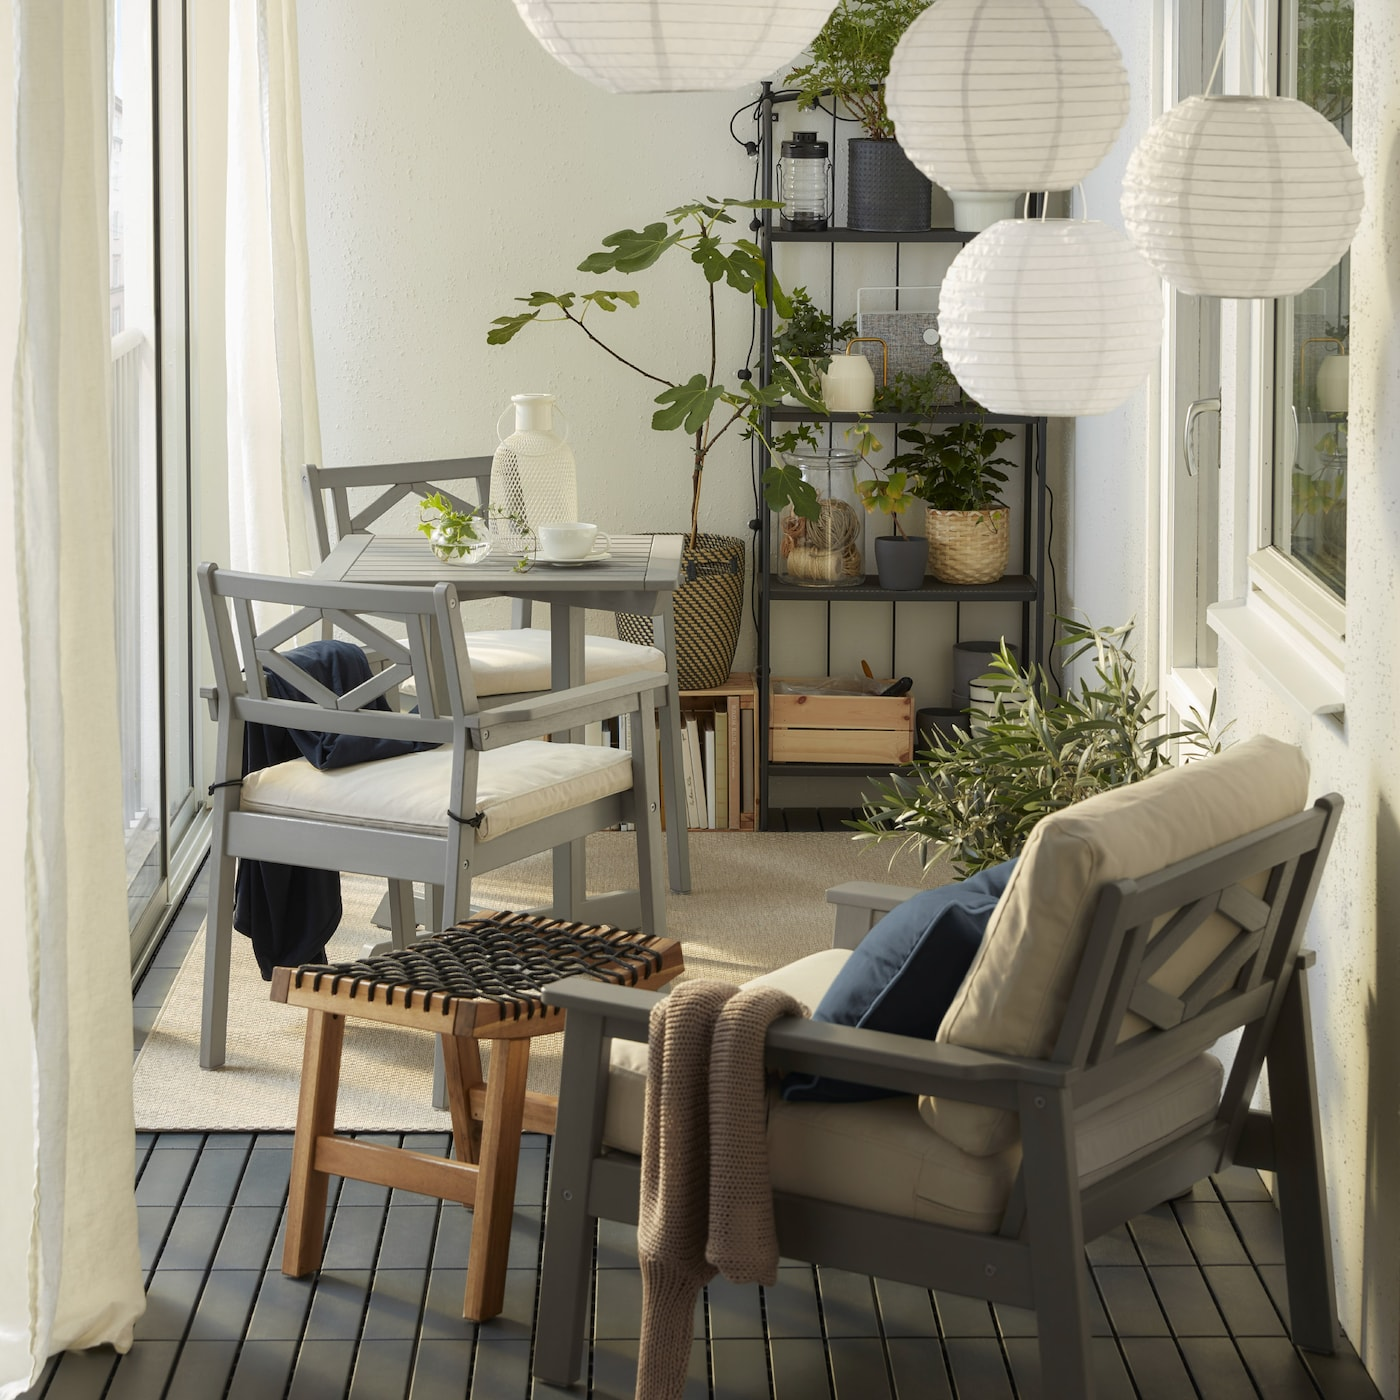 Jardinière À Suspendre Ikea balcon fermé, espace détente - ikea